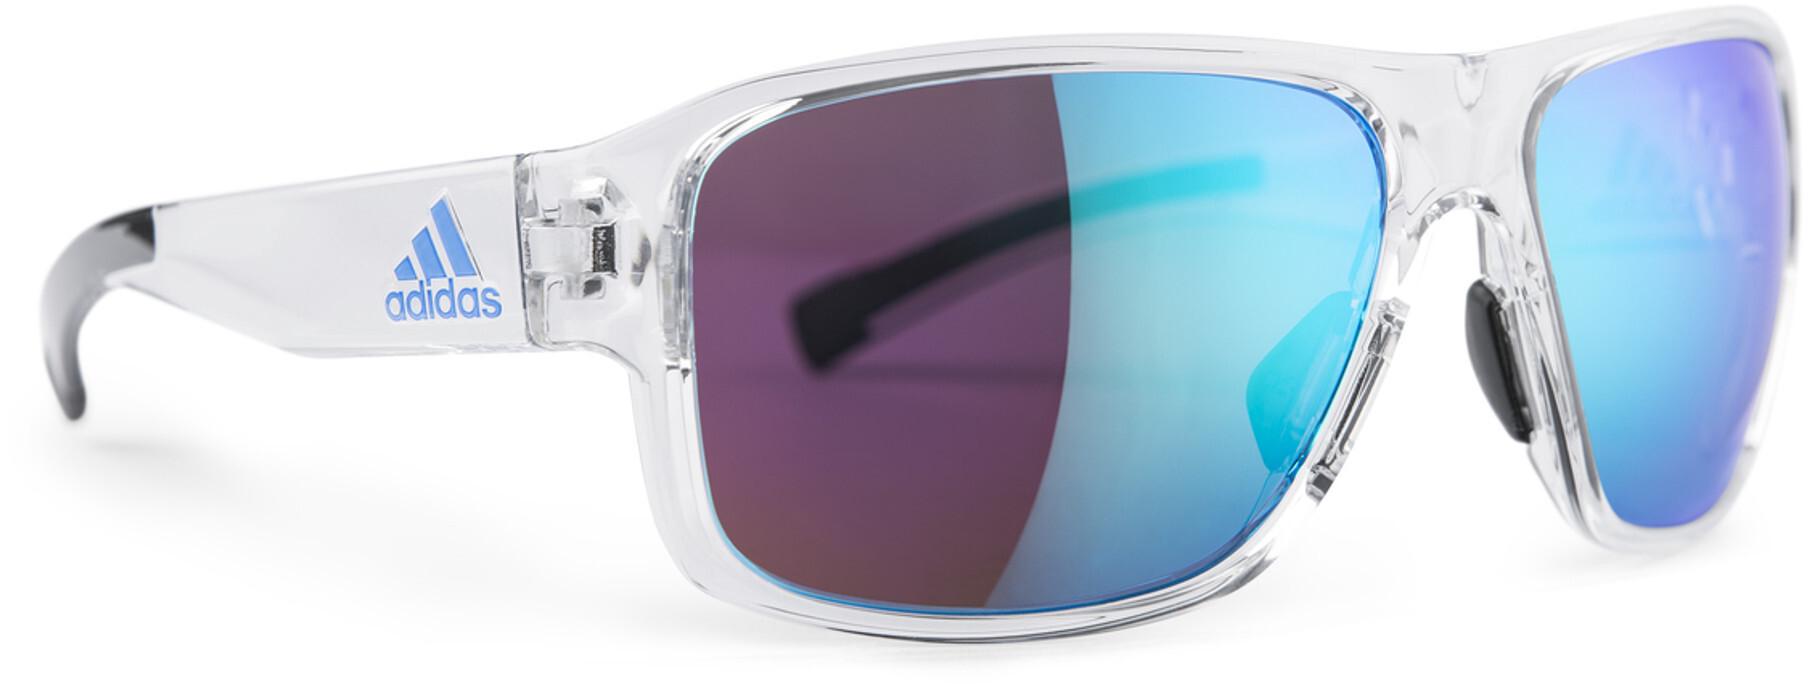 adidas Jaysor AD20 Solbriller, crystal shiny/shiny blue   Briller